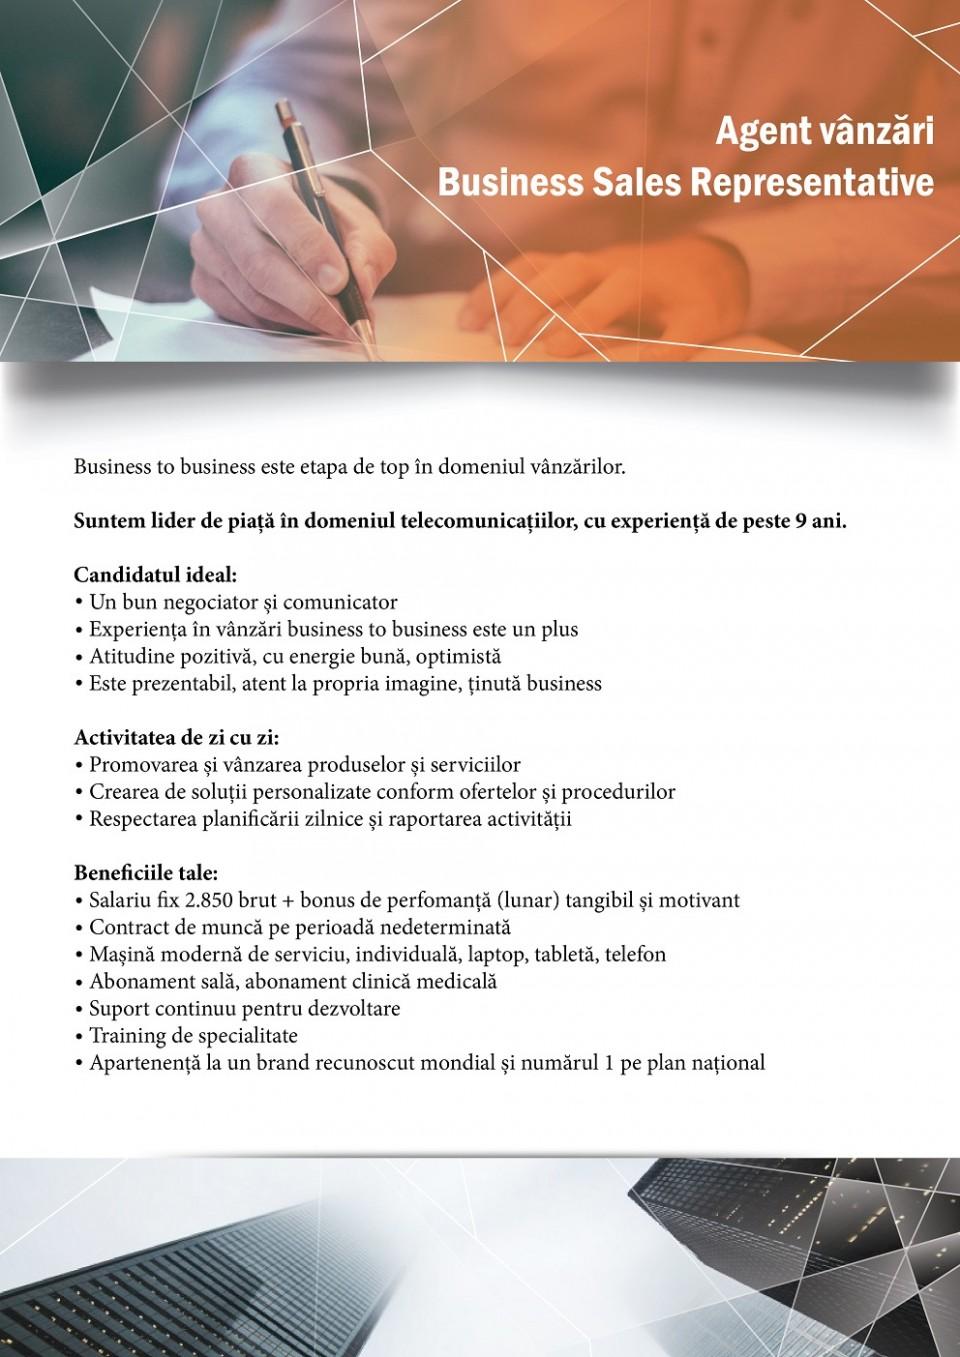 Agent vanzari - Business Sales Representative